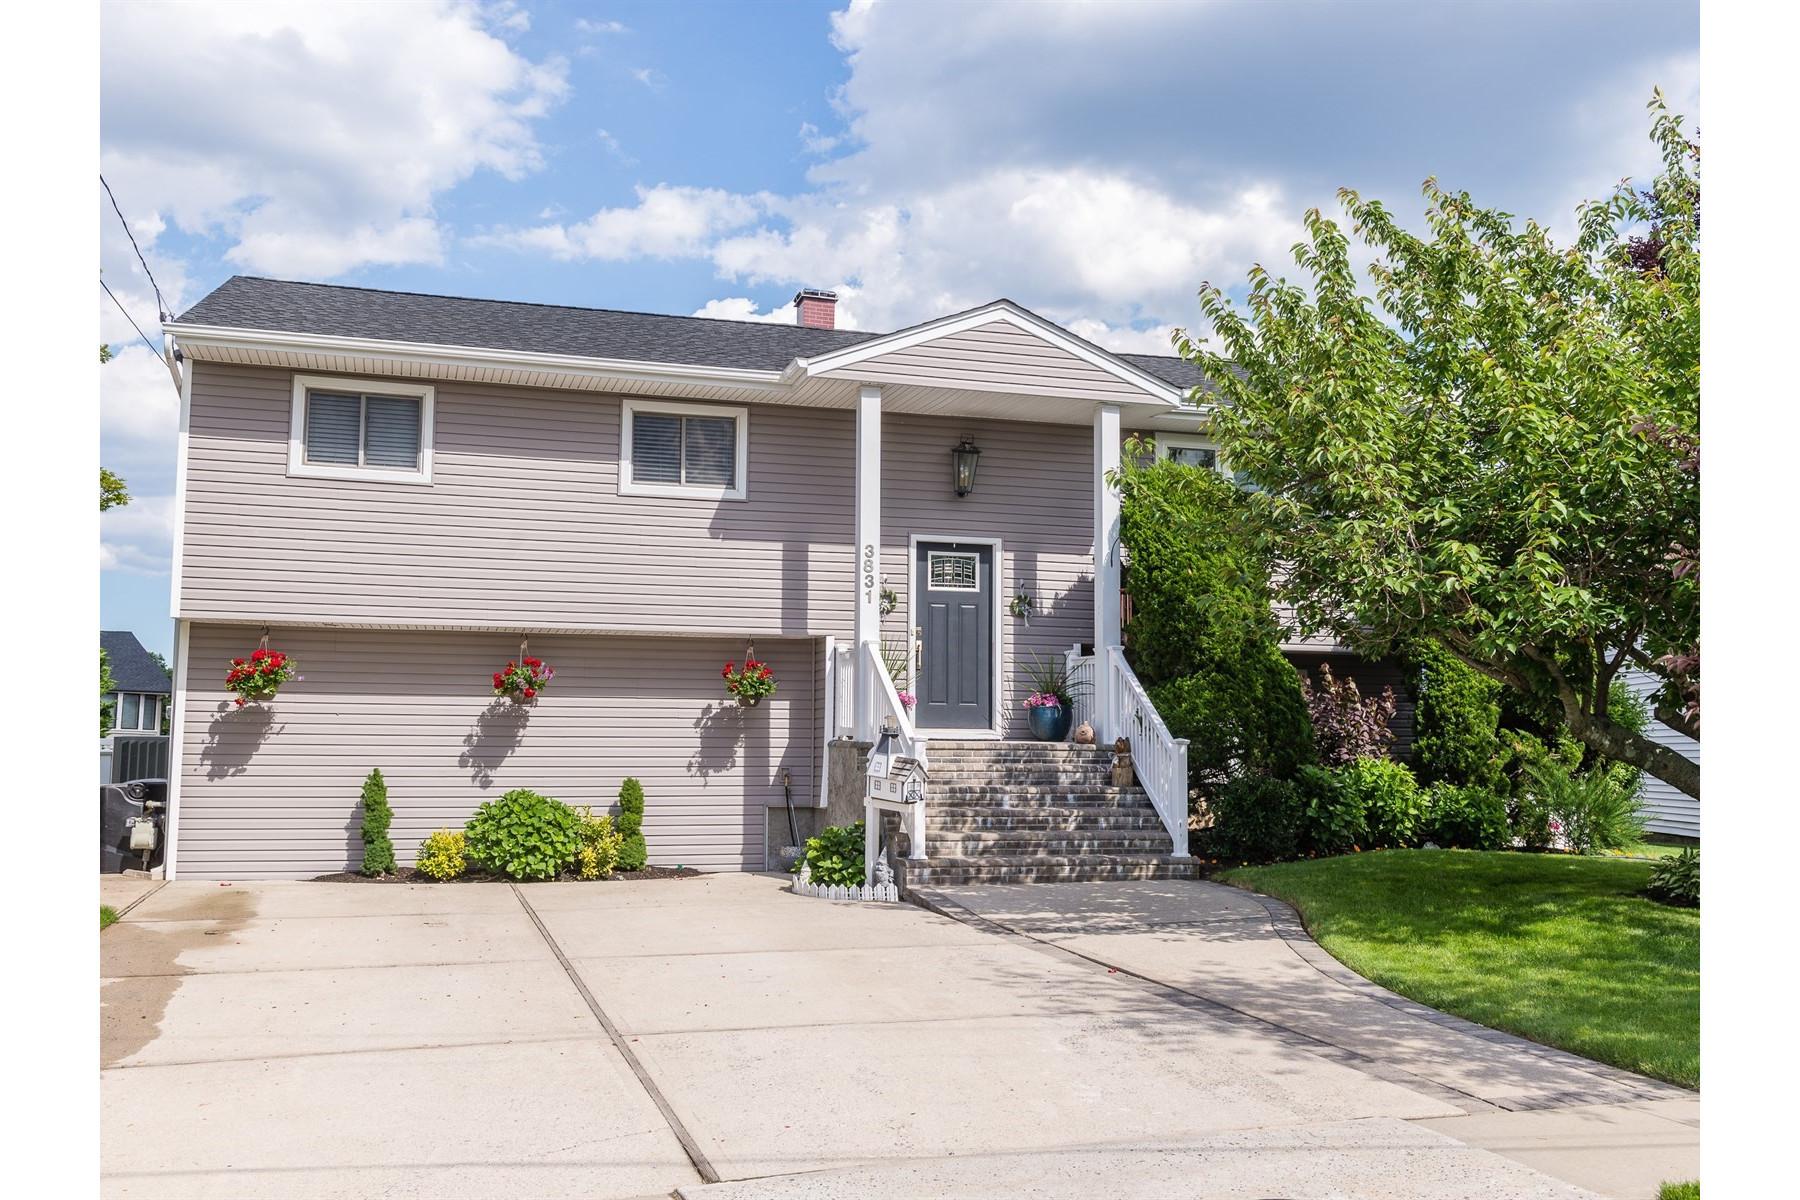 Частный односемейный дом для того Продажа на 3831 E Oceanside Rd Oceanside, Нью-Йорк, 11572 Соединенные Штаты